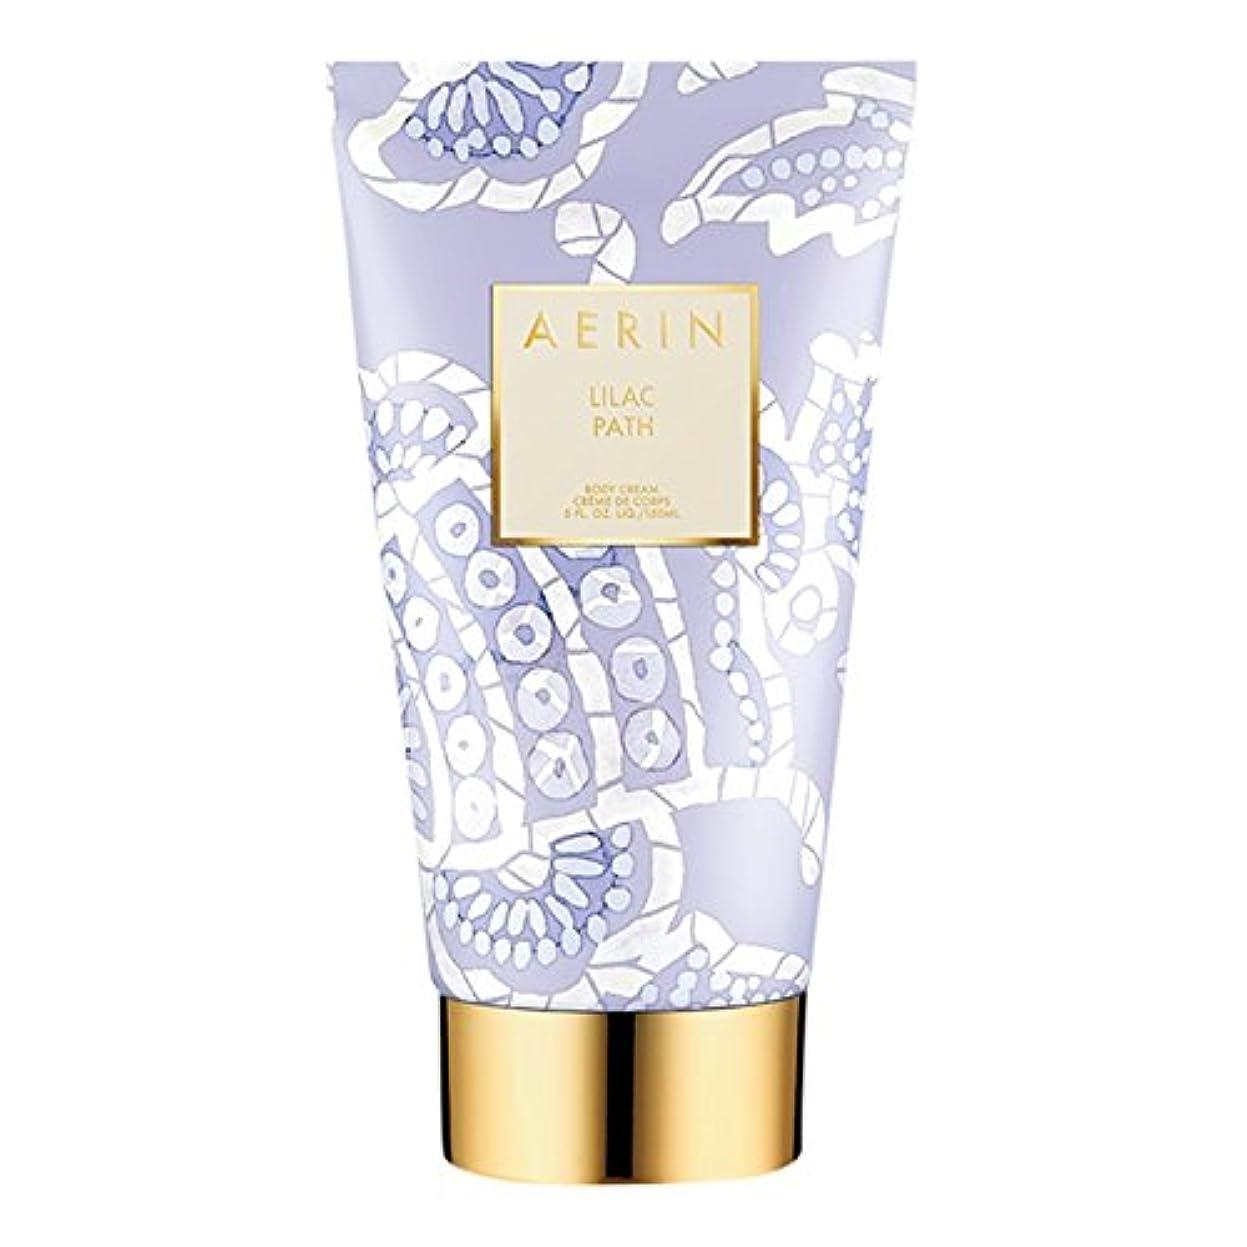 印をつけるズームうれしいAerinライラックパスボディクリーム150ミリリットル (AERIN) (x2) - AERIN Lilac Path Body Cream 150ml (Pack of 2) [並行輸入品]